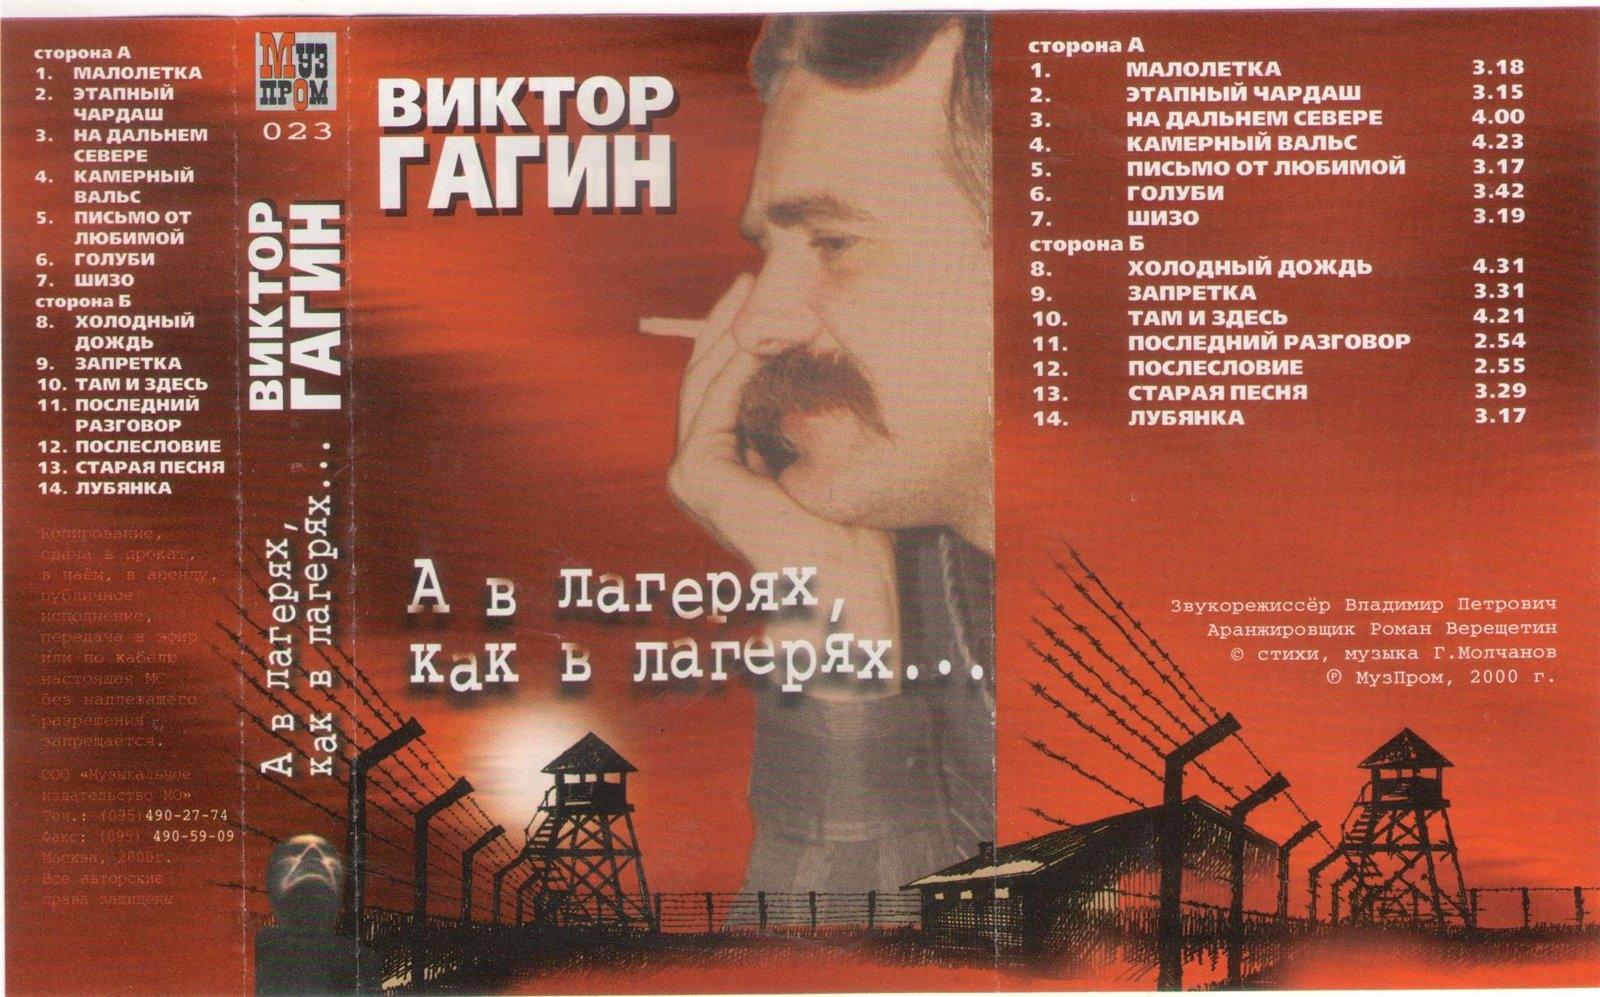 Рассказ одесского фраера по фамилии капитанаки виктор гагин 3 фотография